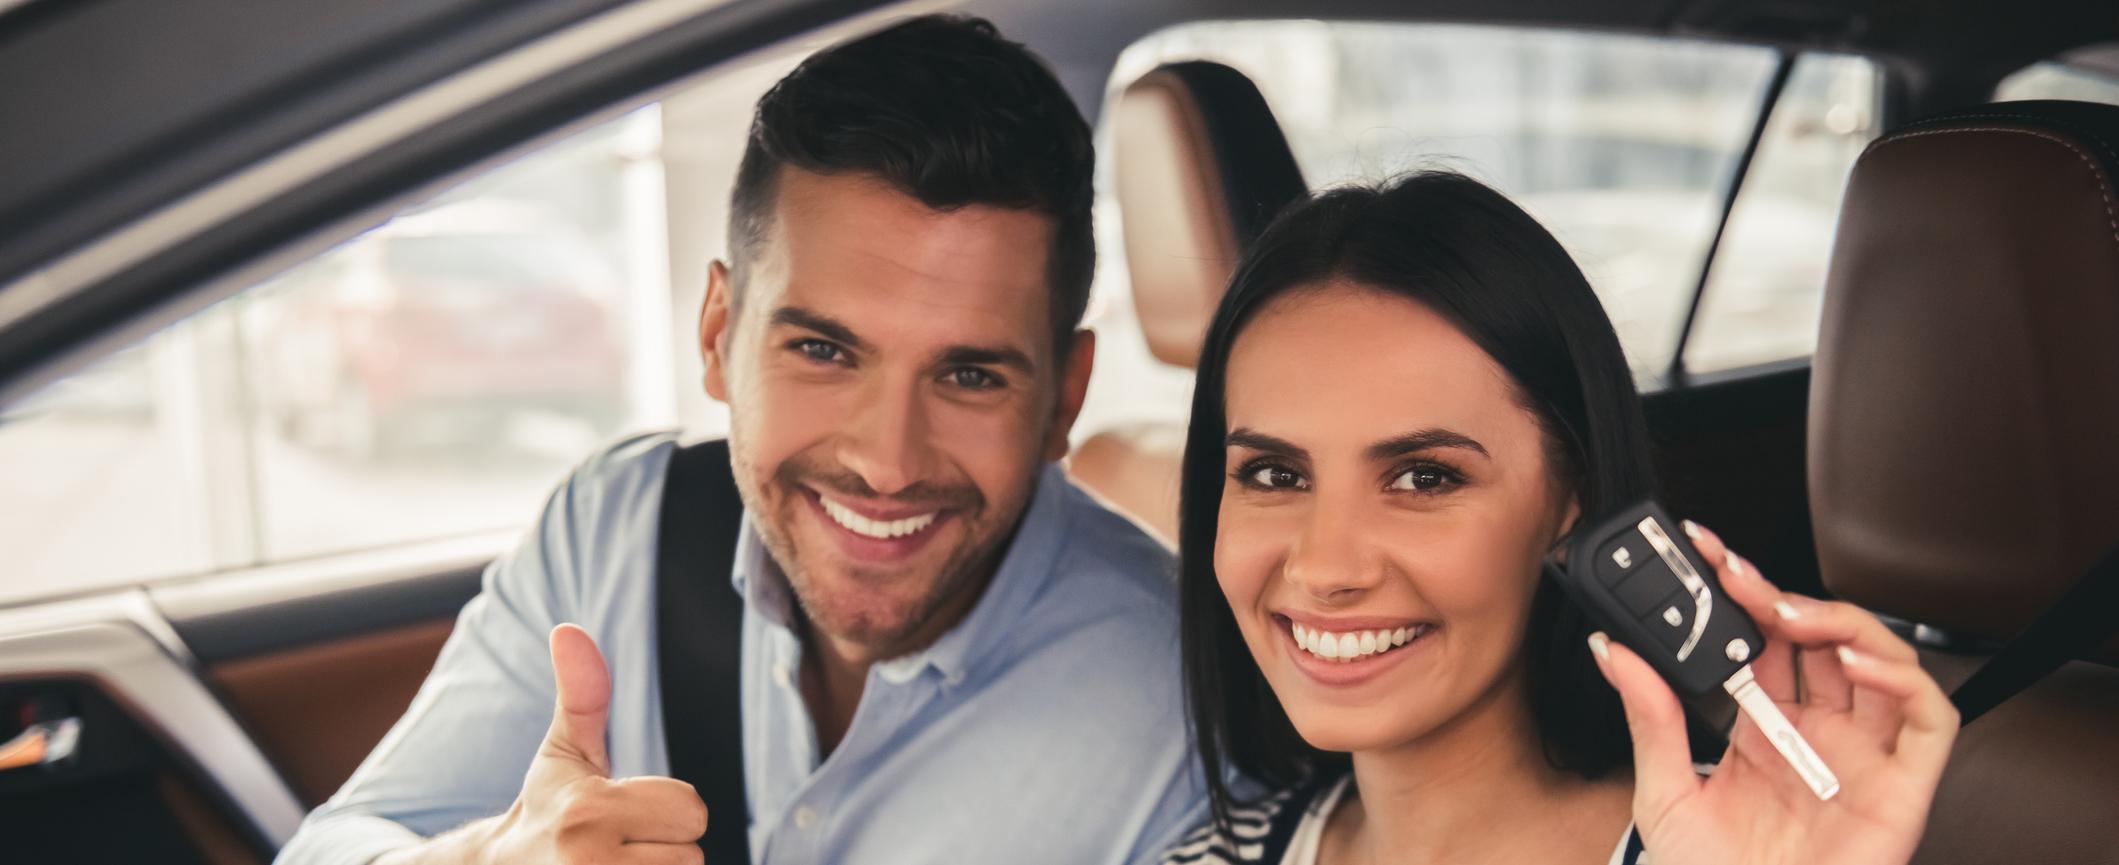 Opciones de arrendamiento de automóviles cerca de North County, CA